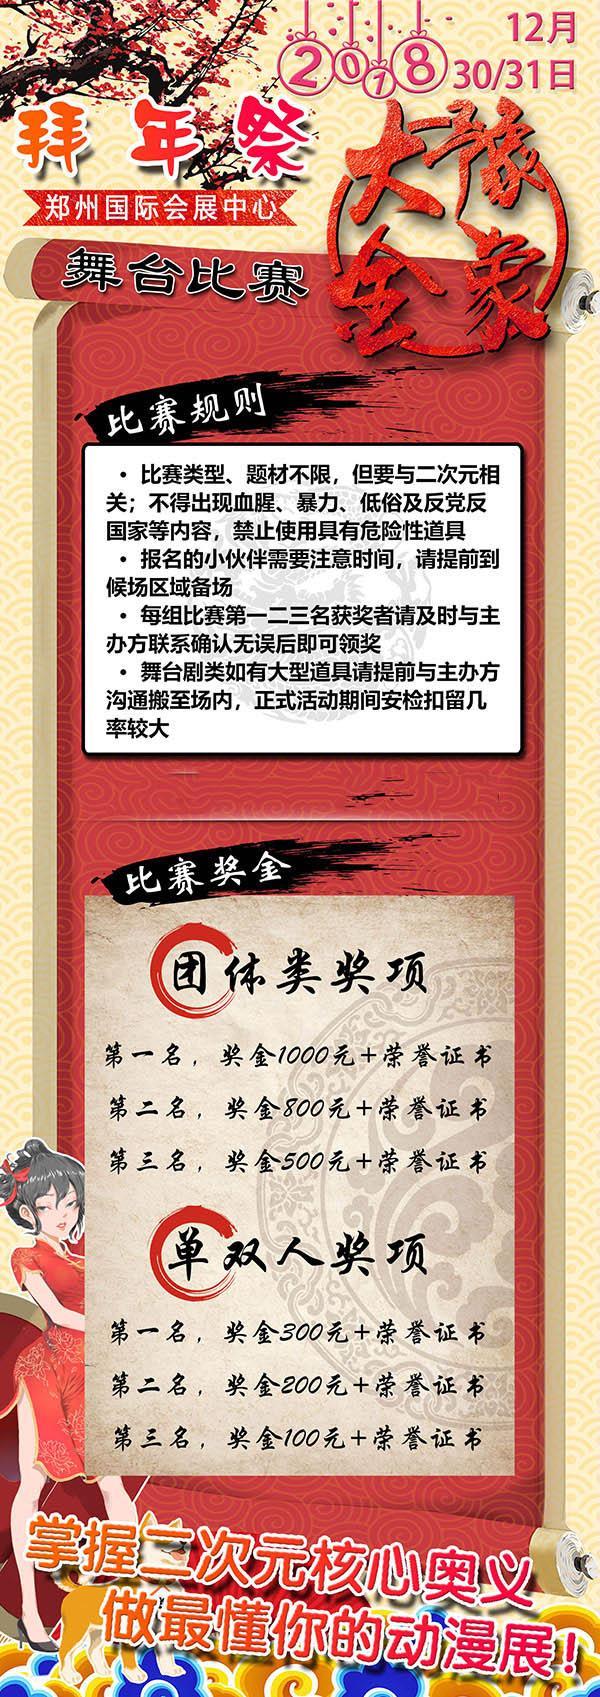 2018郑州大豫金象动漫文化节(时间 门票 地点)